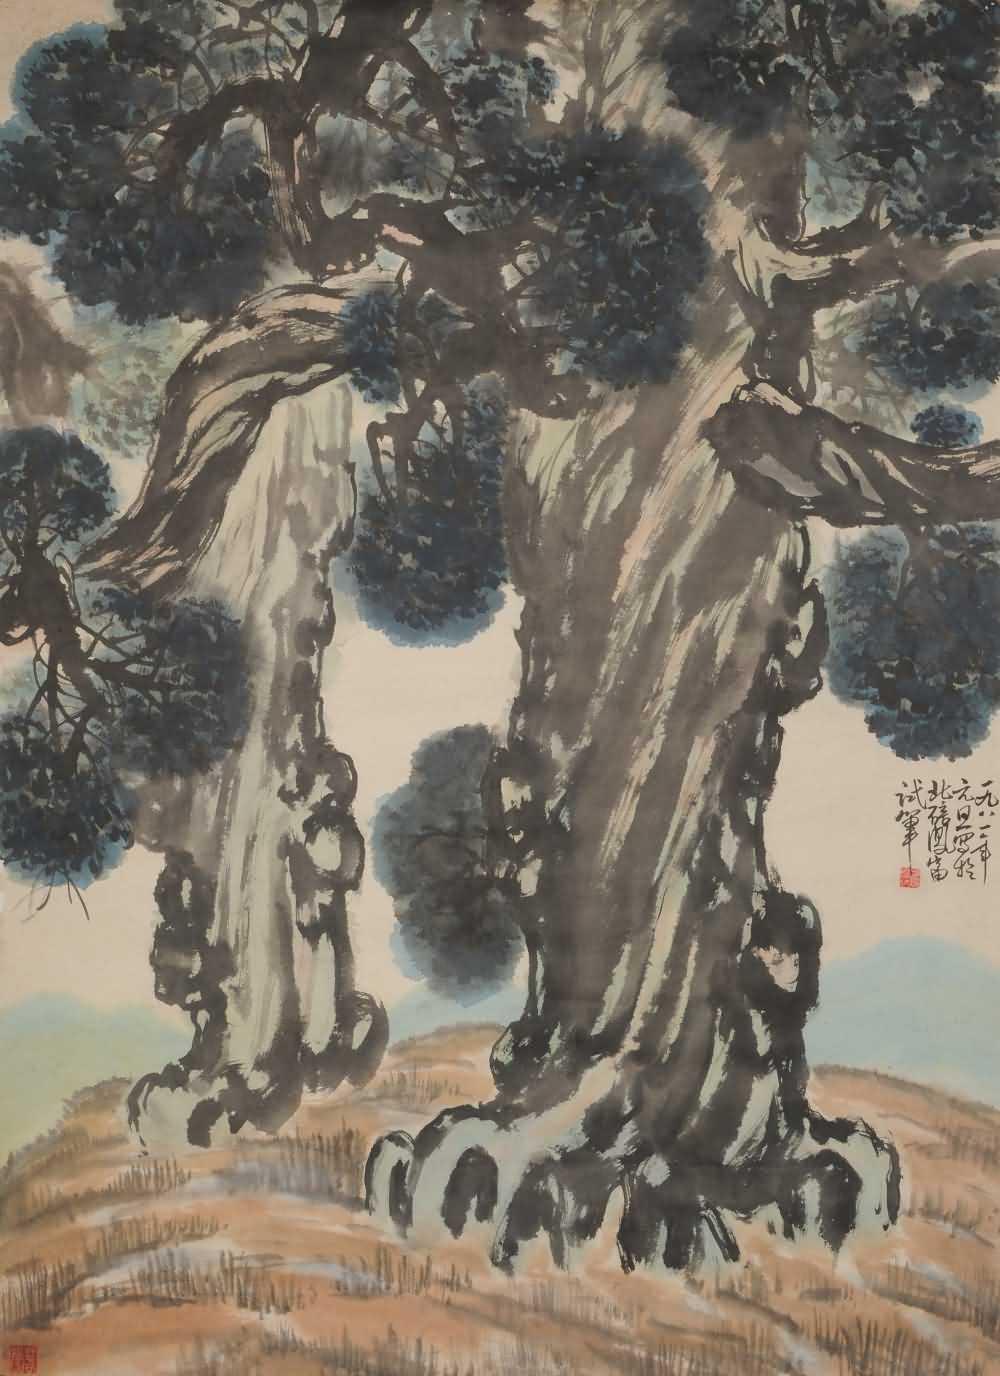 柏树手绘图片 卡通